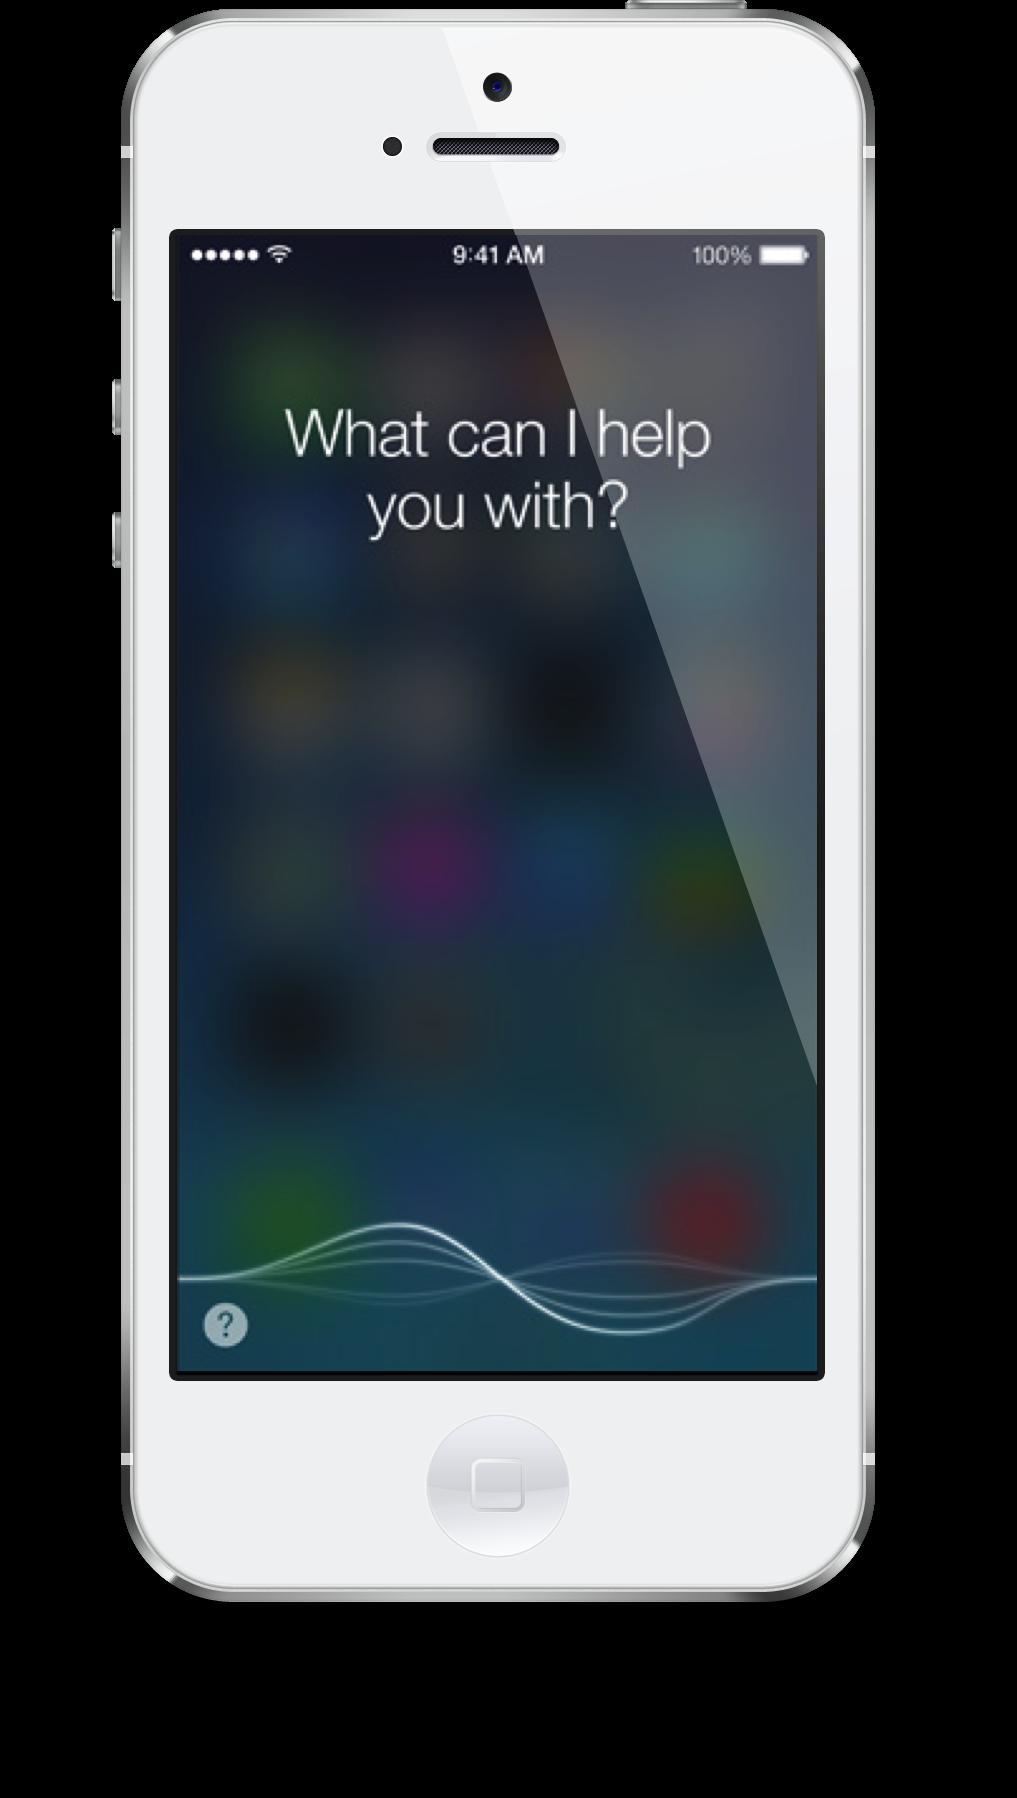 Iphone X siri yükleme jailbreaksiz - Iphone takip uygulama